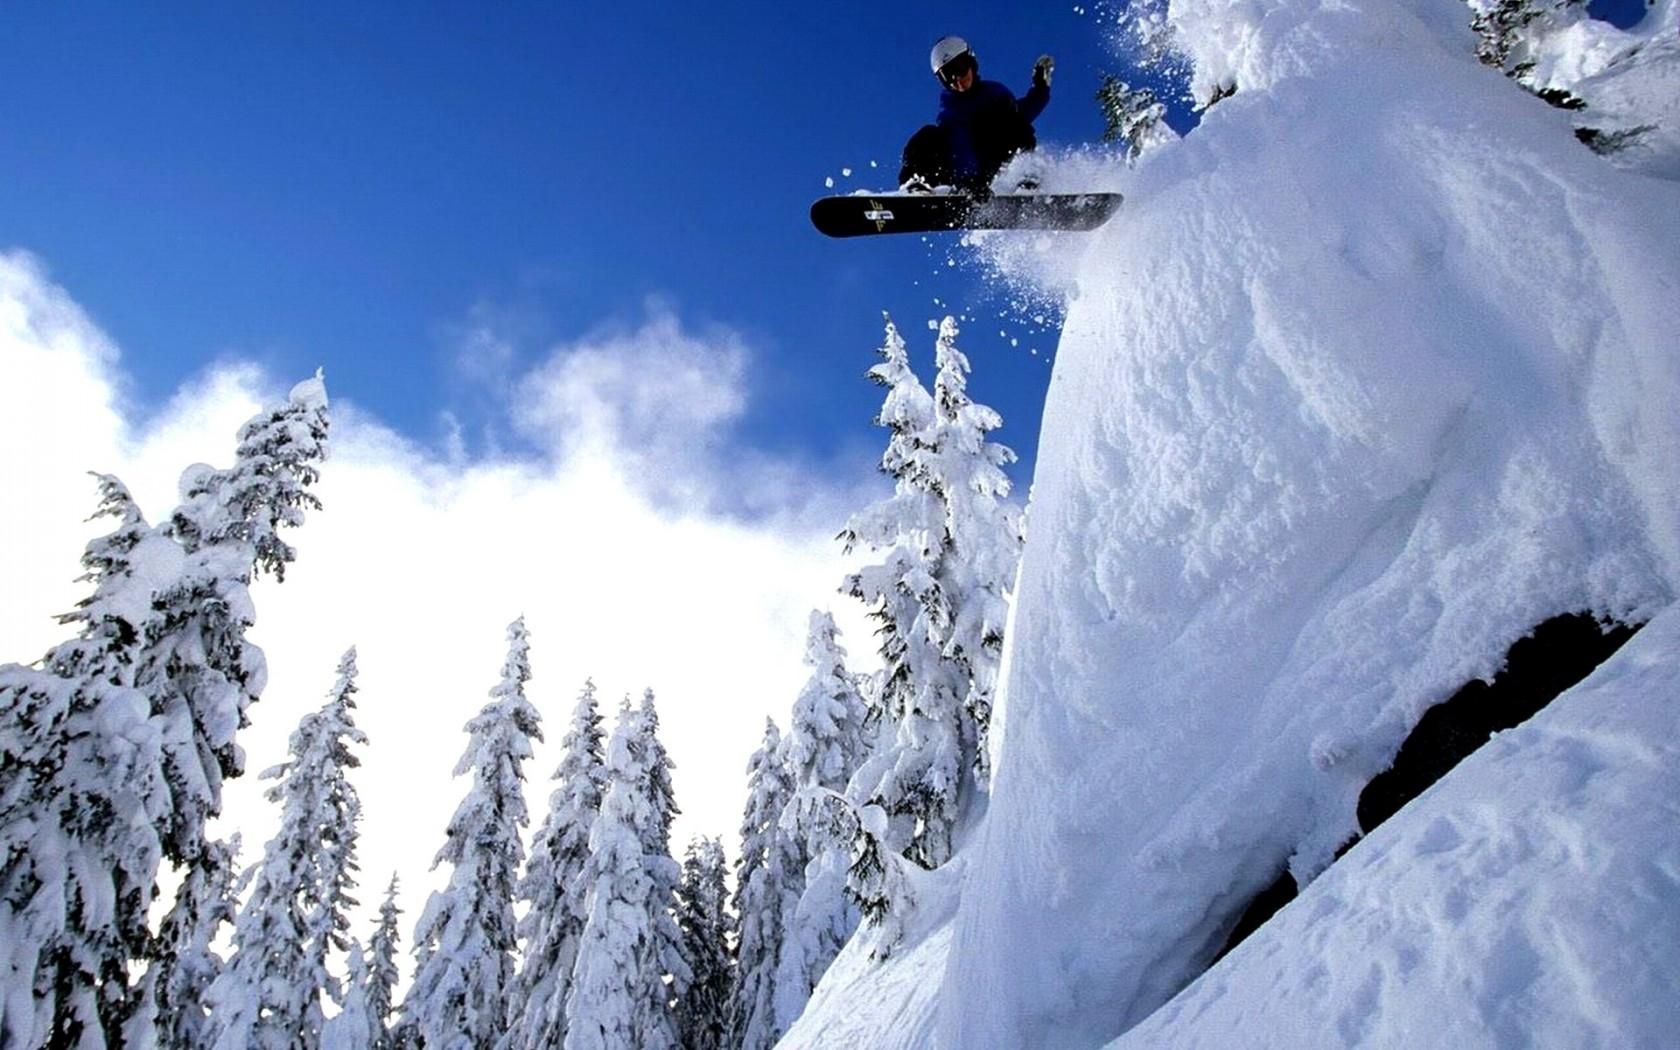 Fond d'écran : des sports, neige, hiver, Snowboard, Montagne, Météo, saison, saut, chaussure ...